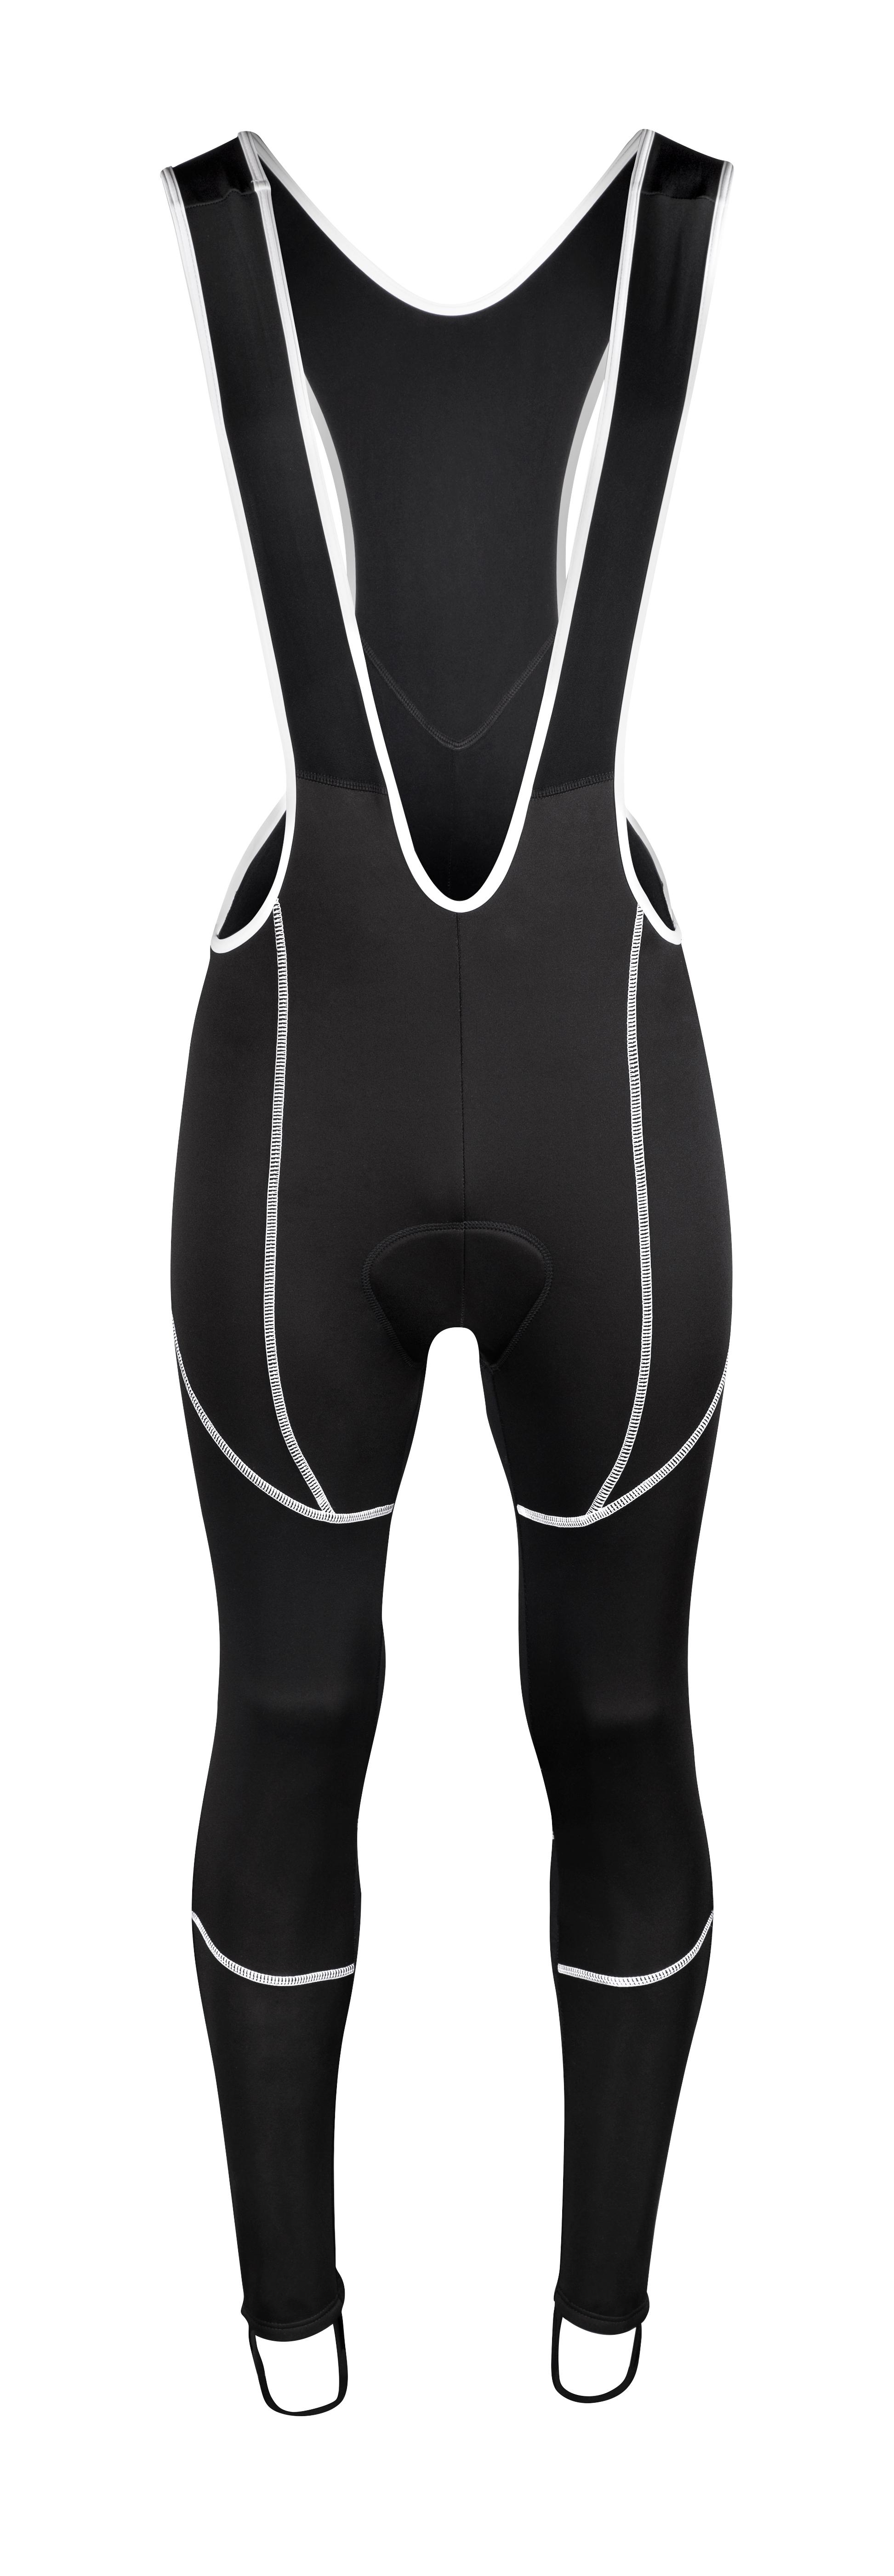 kalhoty FORCE Z70 se šráky s vložkou, černé M